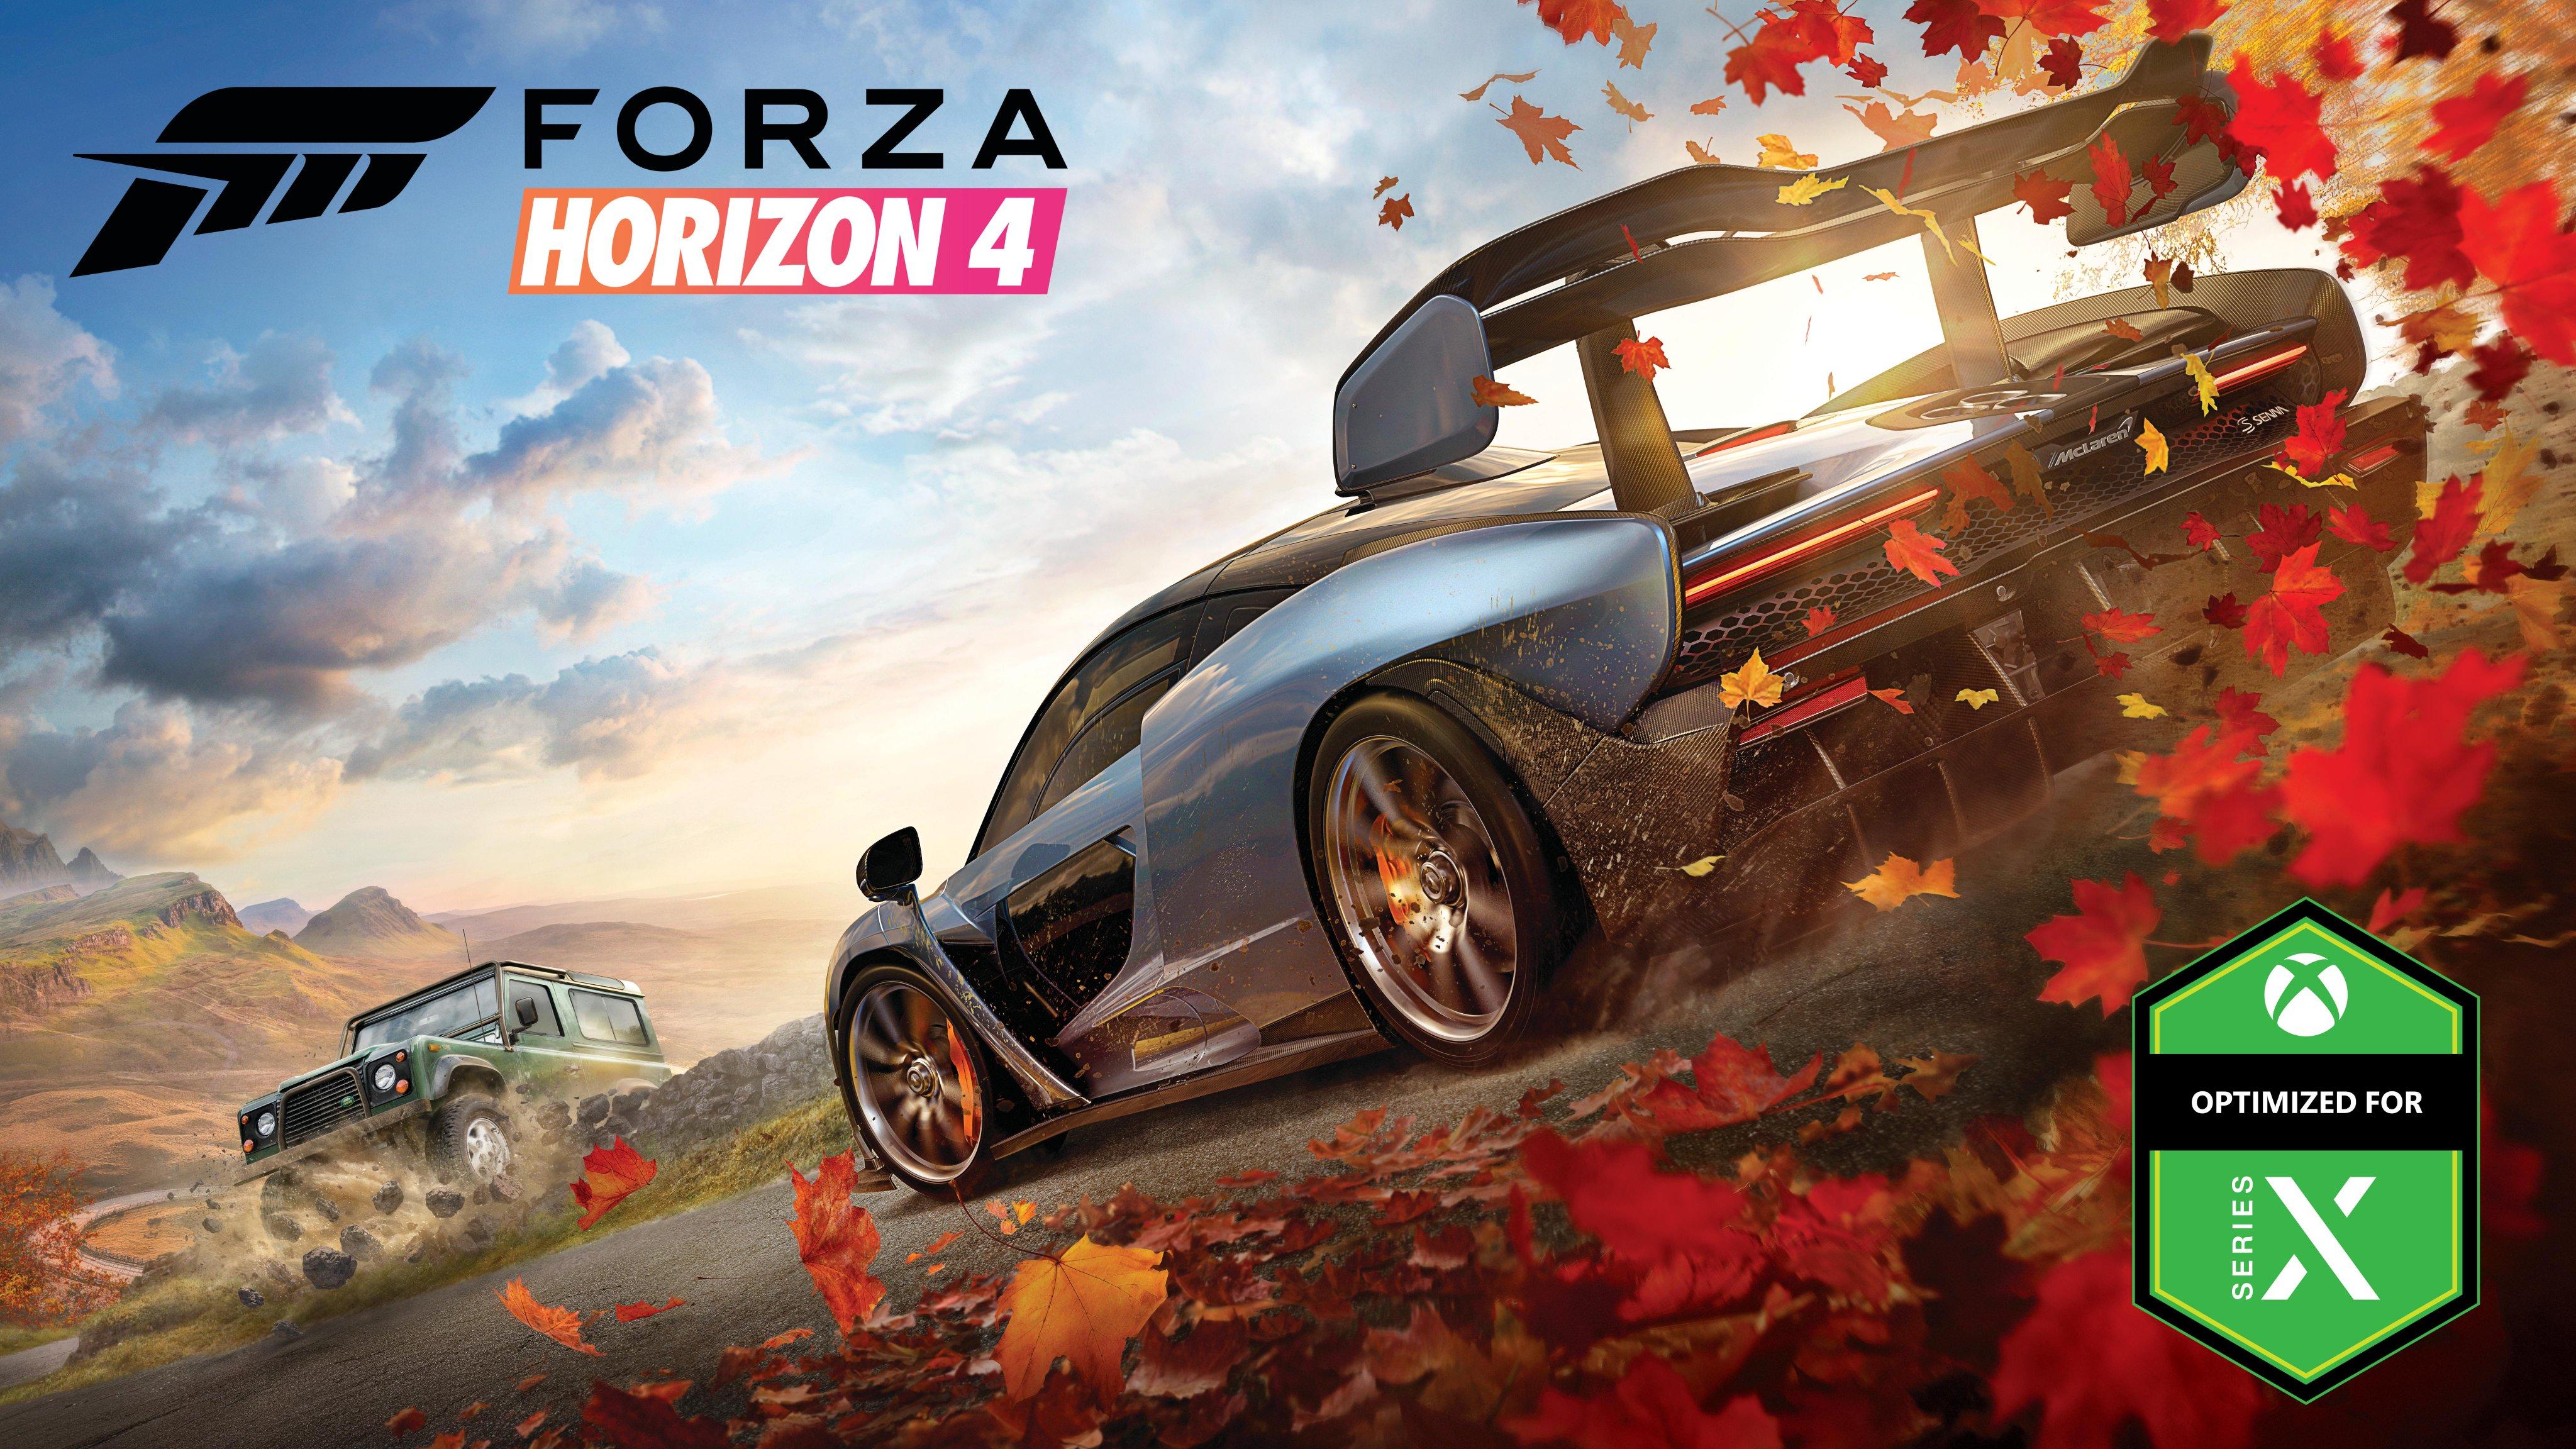 Xbox Series X Forza Horizon 4